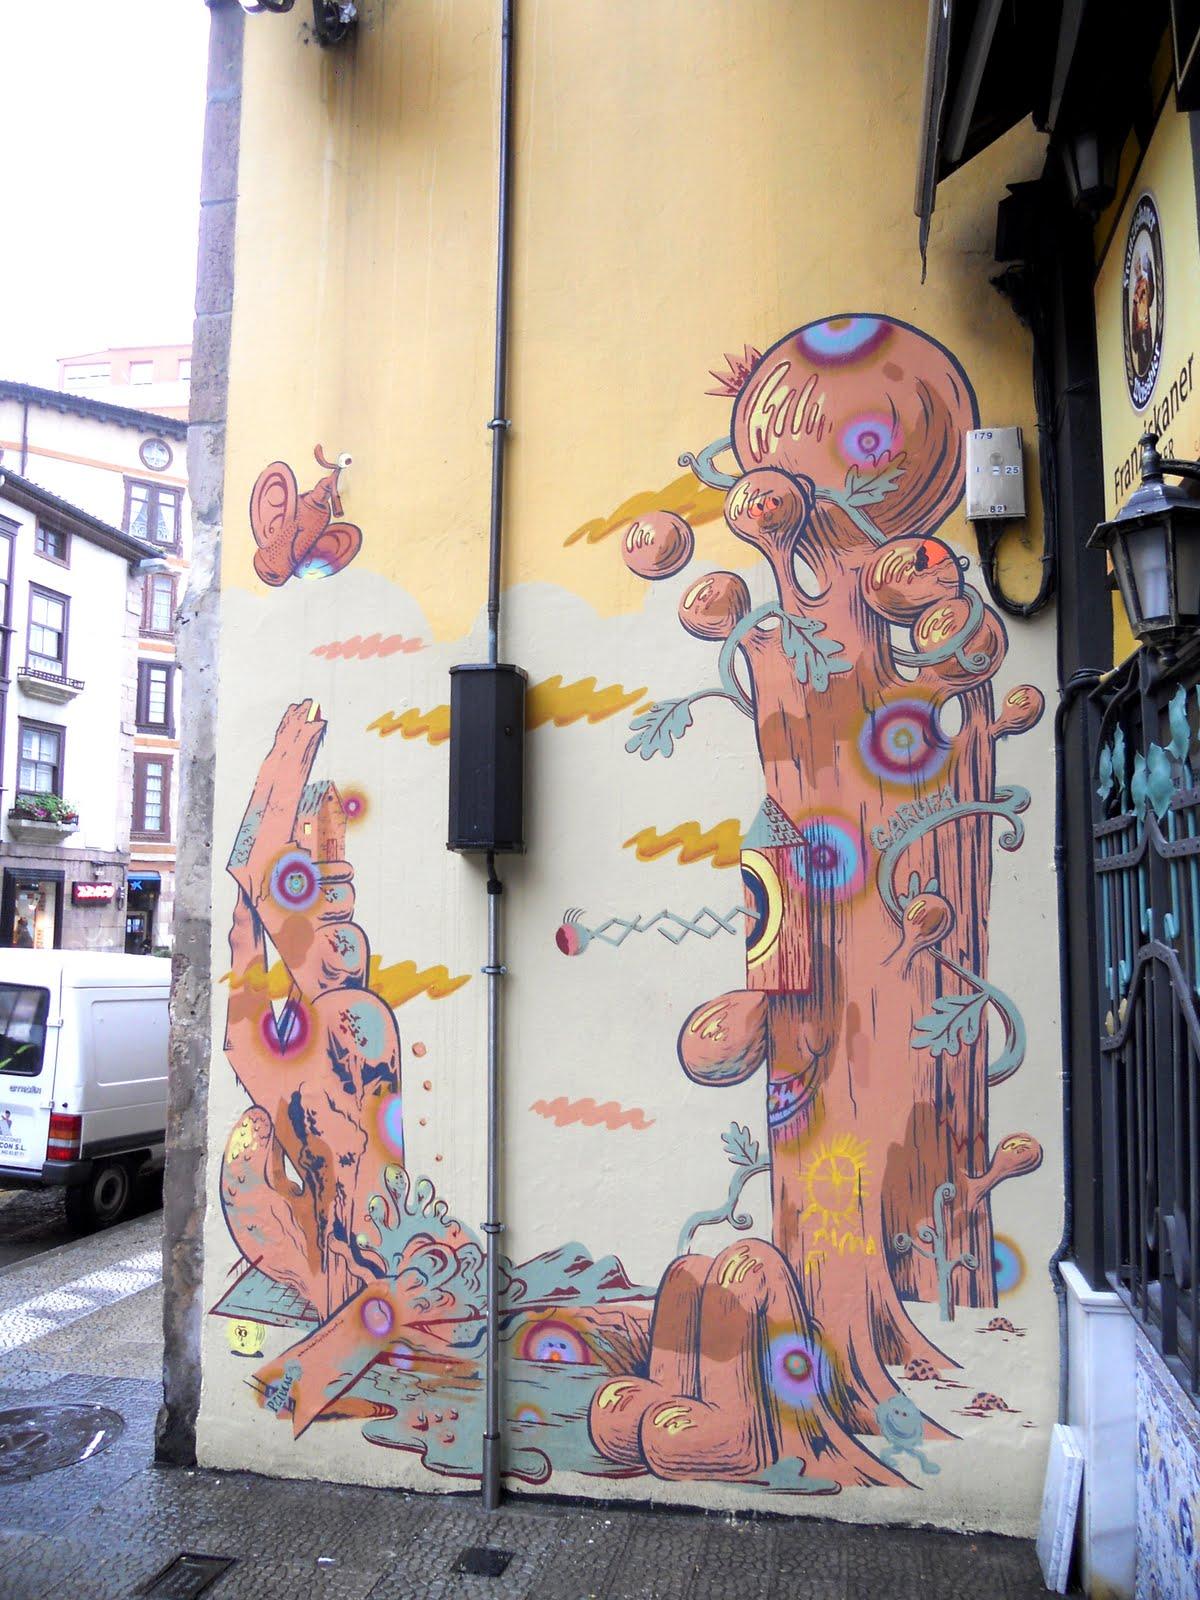 Pelucas works garufa tavern for Mural work using m seal